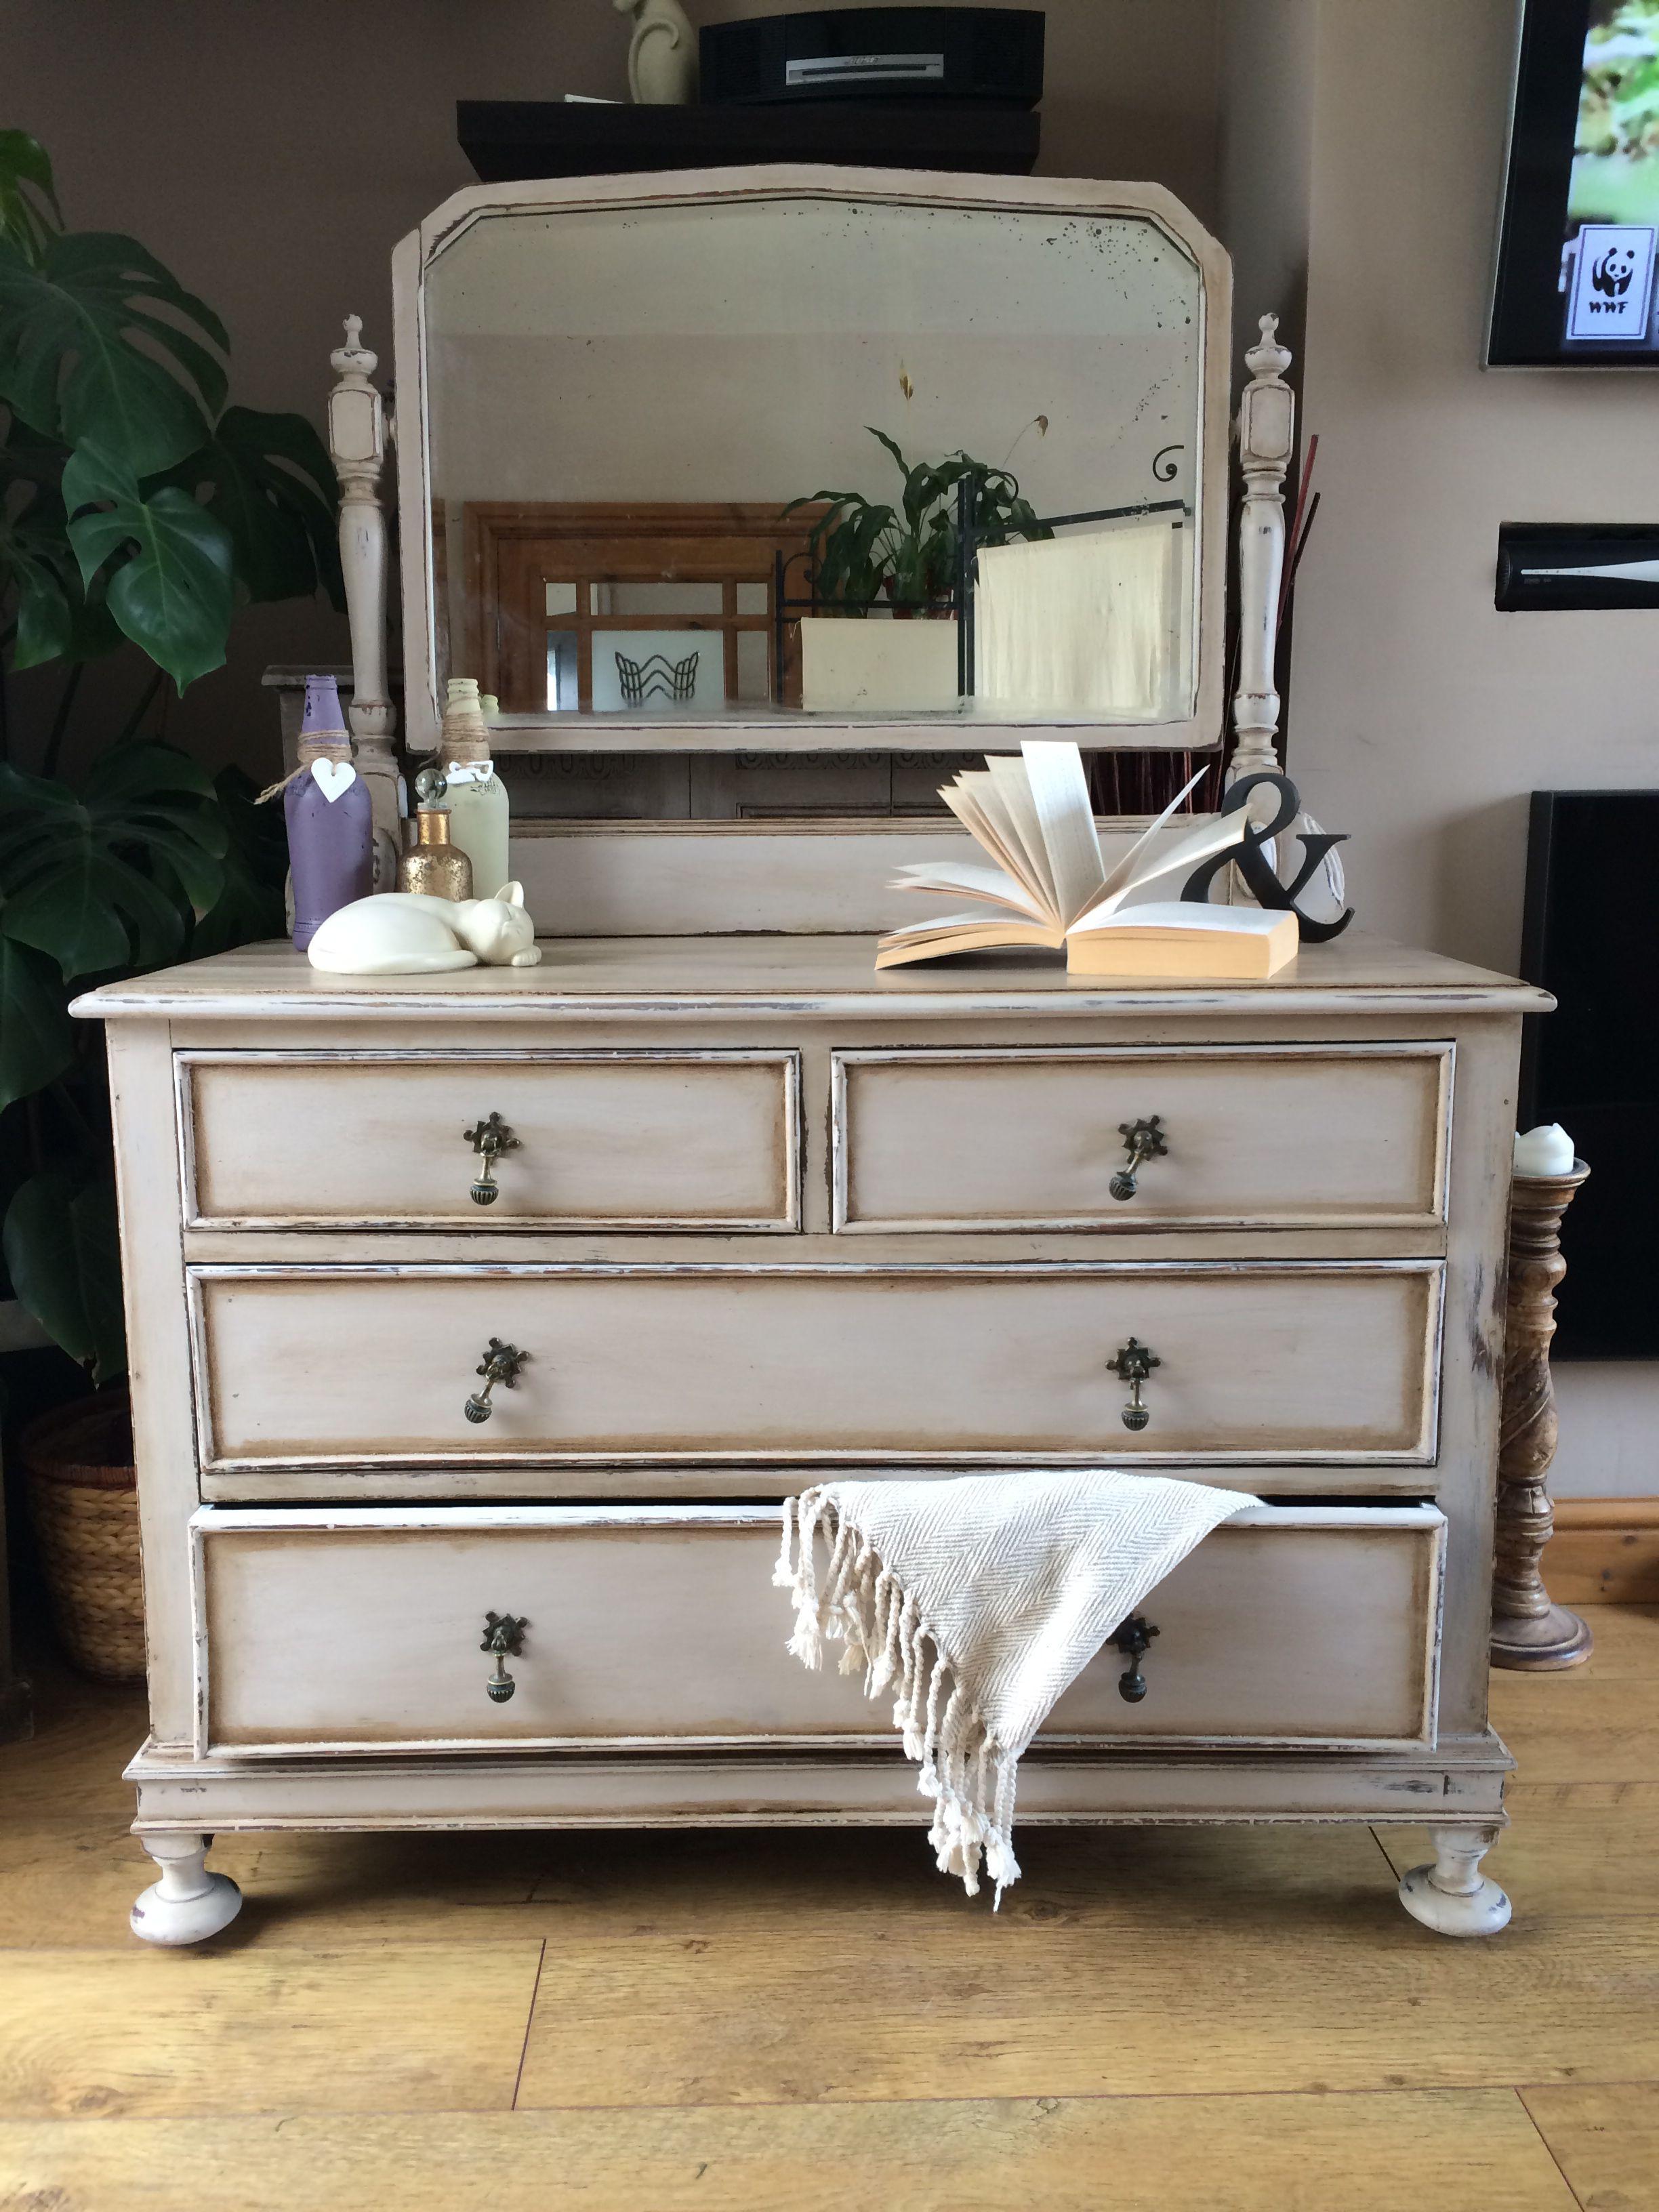 my latest creation ascp pinterest meubles meuble patin et meubles peints. Black Bedroom Furniture Sets. Home Design Ideas